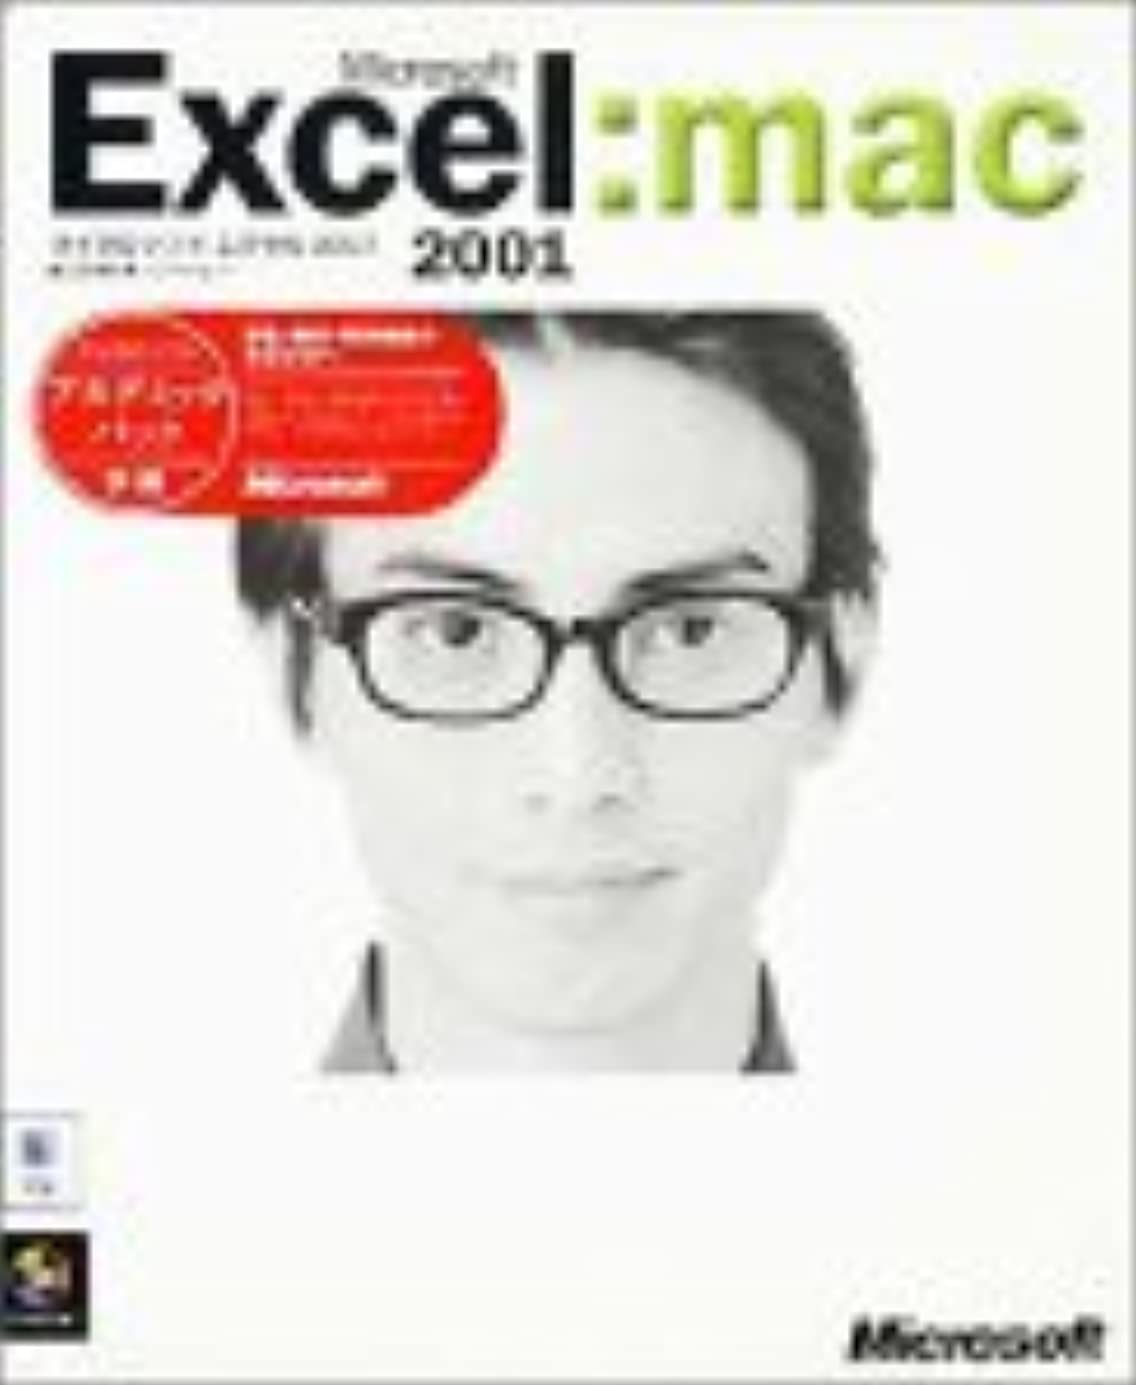 ボリュームコーデリアセーター【旧商品】Microsoft Excel2001 for Mac アカデミックパック